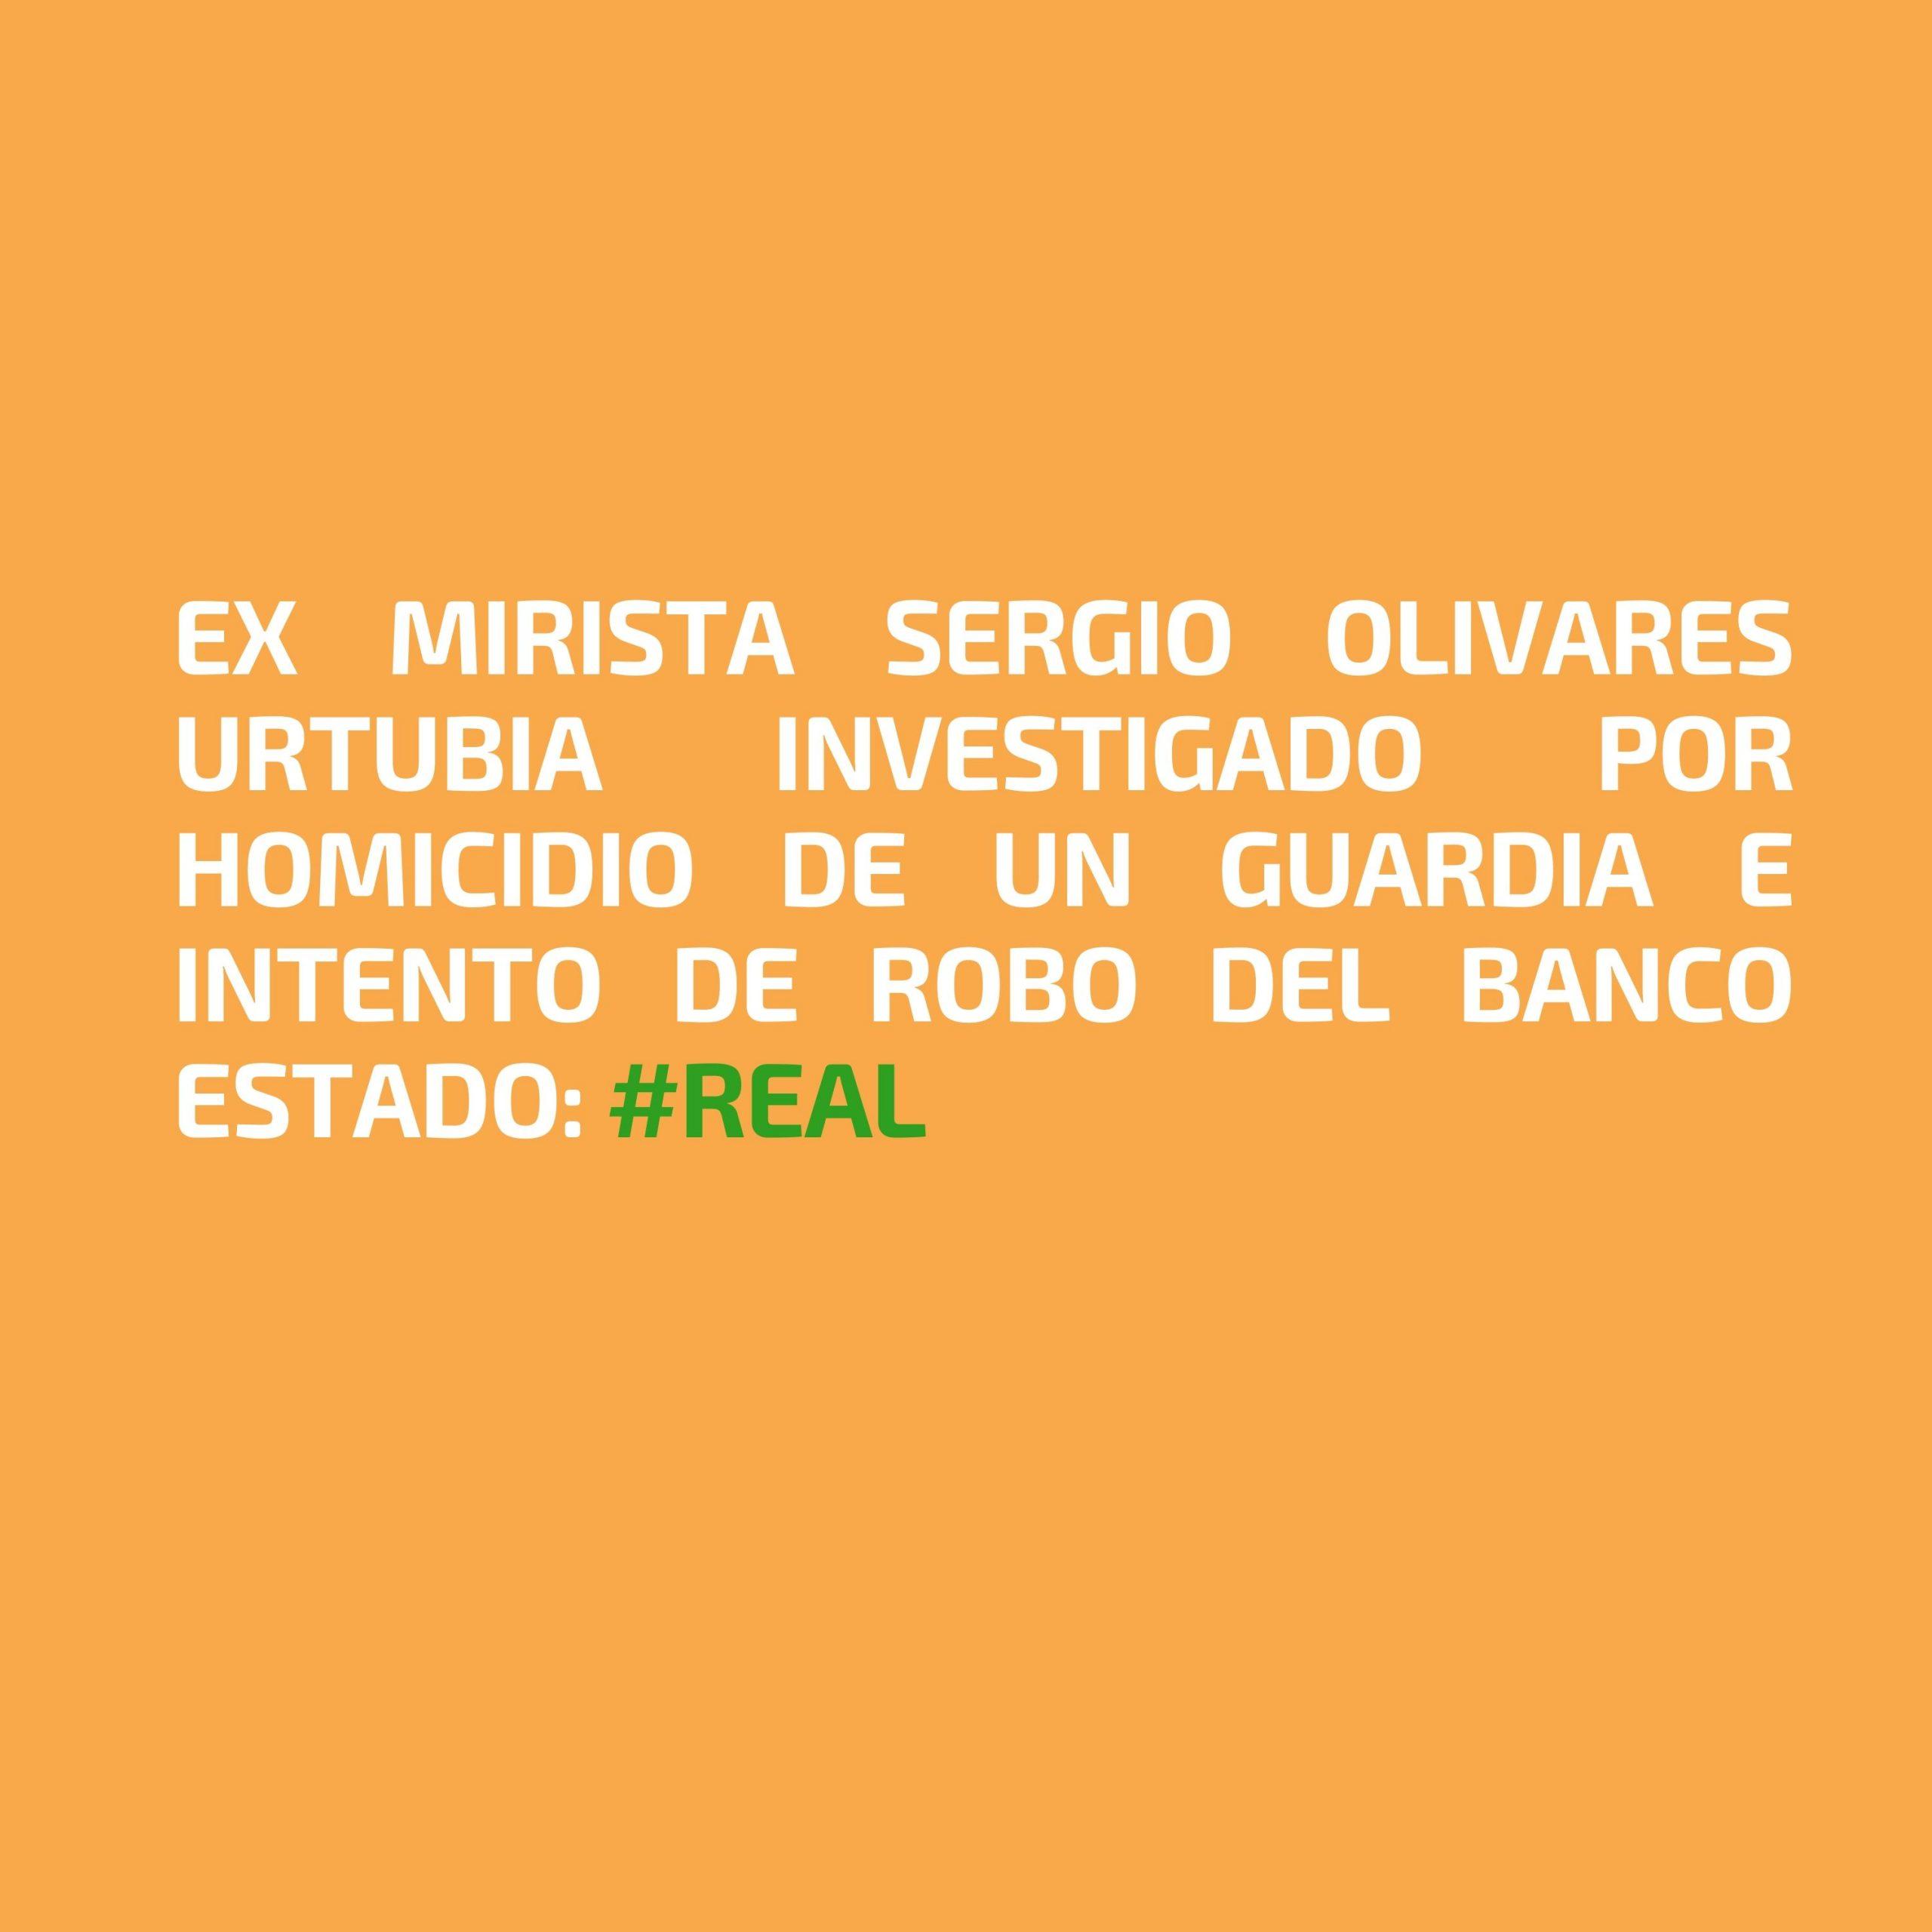 Ex Mirista Sergio Olivares Urtubia investigado por homicidio de un guardia e intento de robo del Banco Estado: #Real